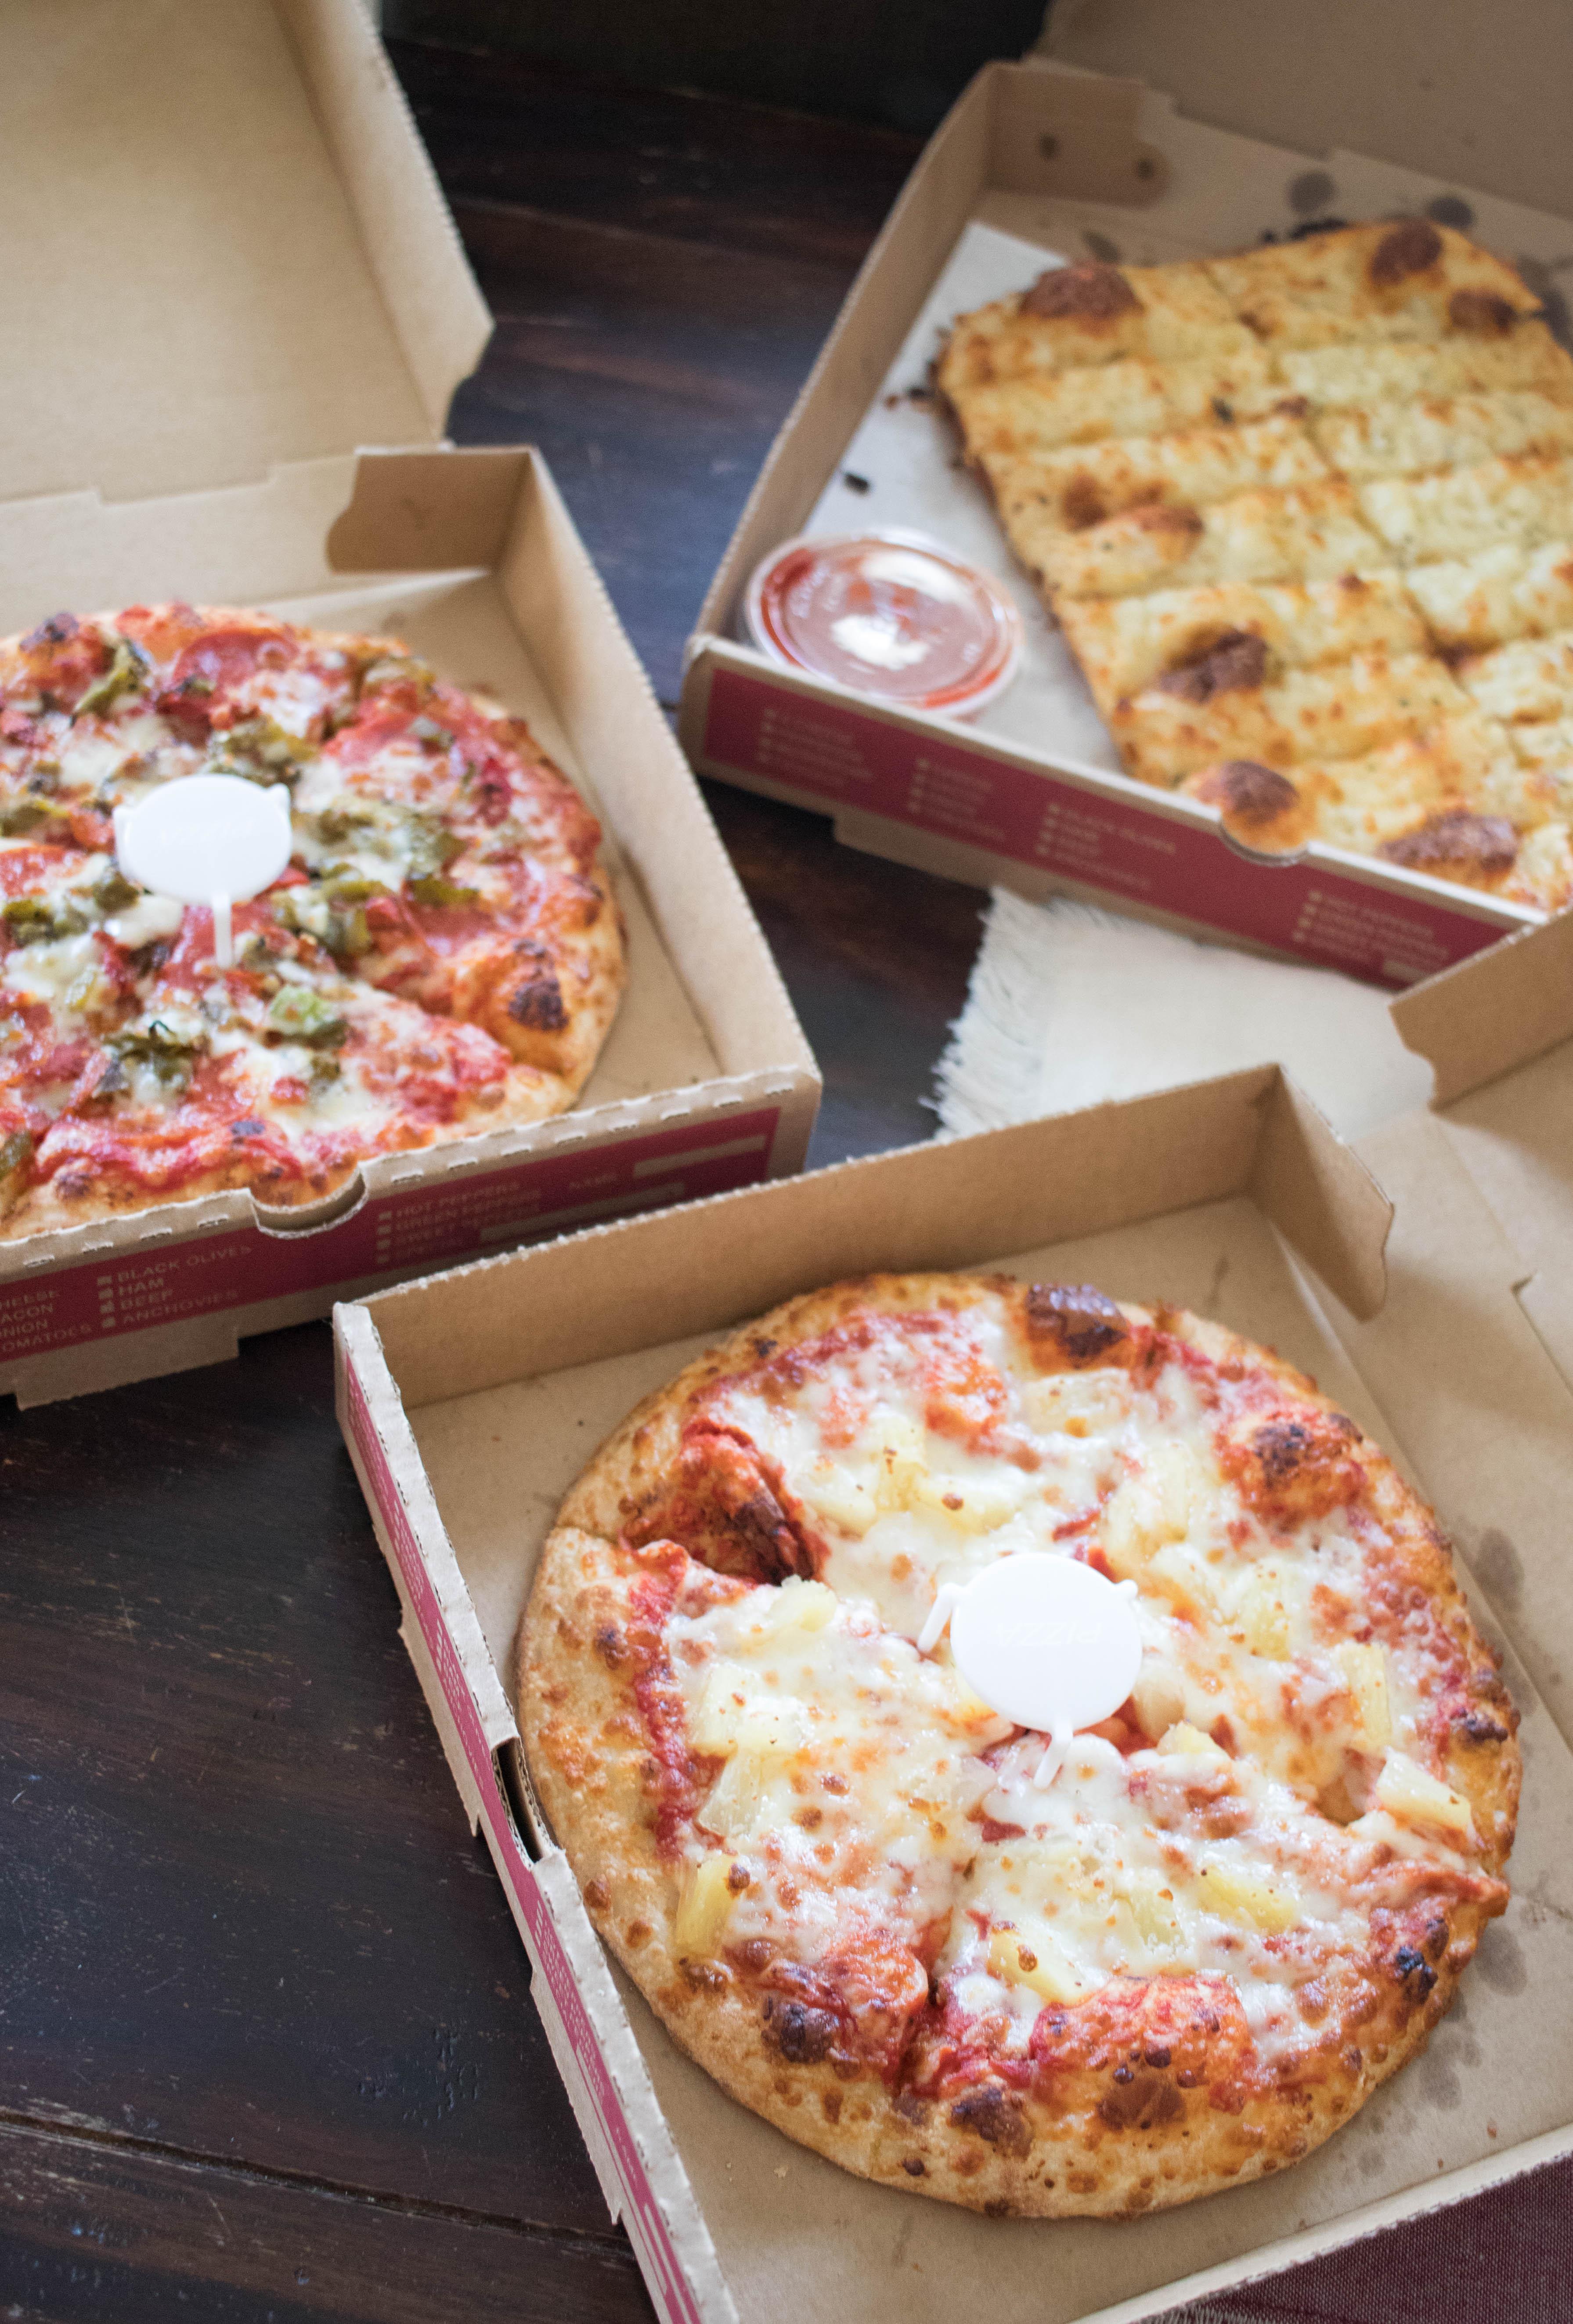 fox's pizza den grubhub #pizza #grubhub #girlsnight